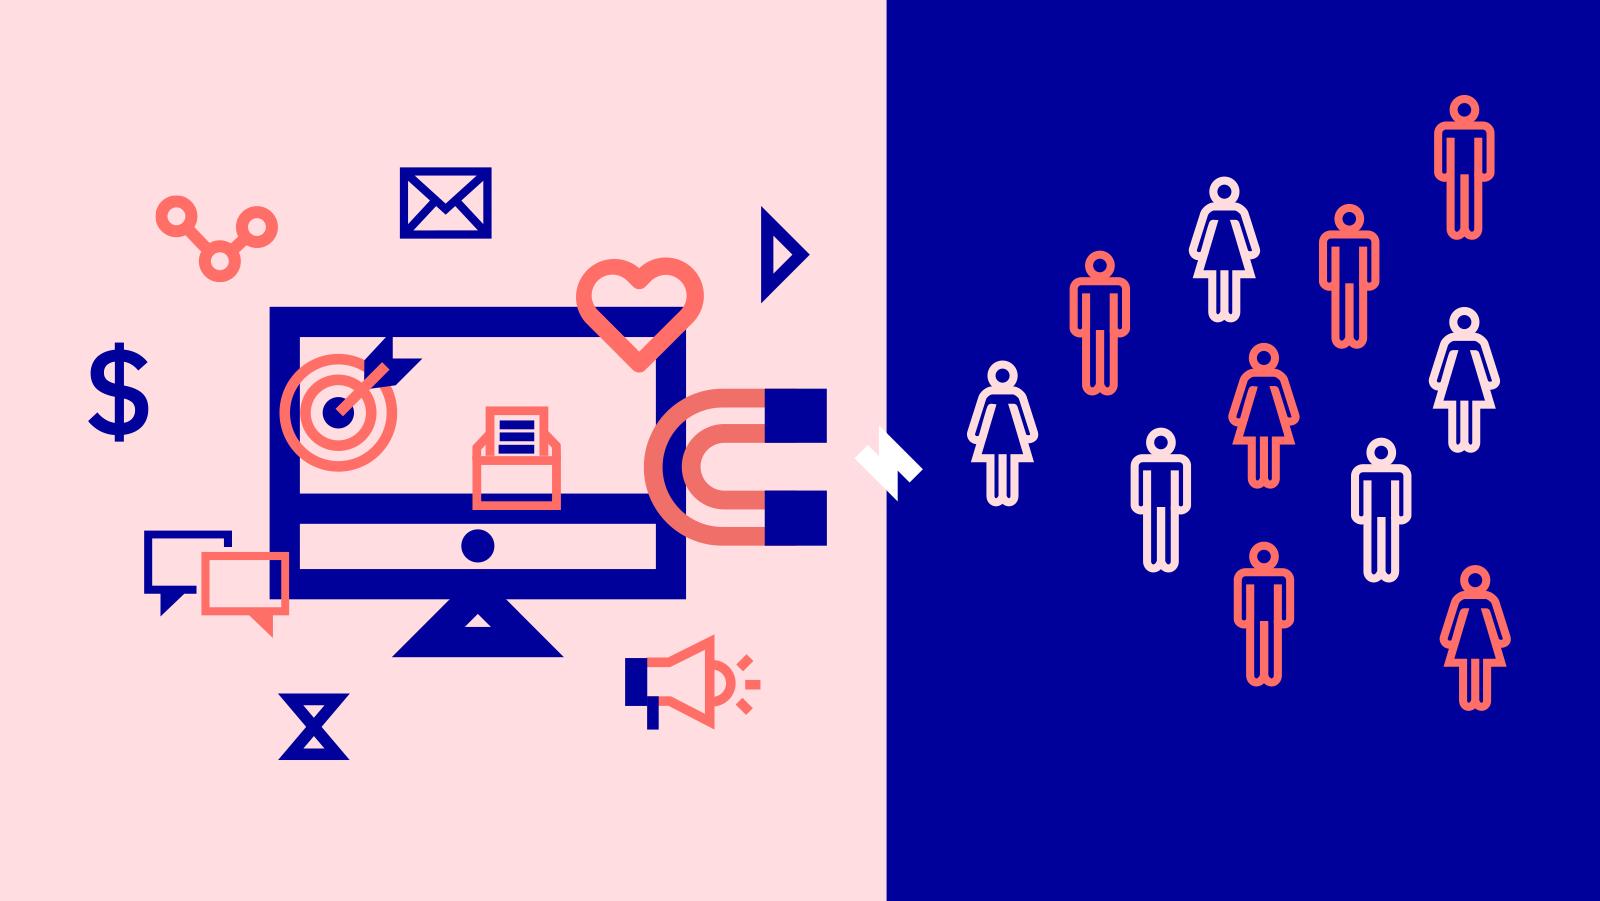 Services-top-image-Inbound-marketing